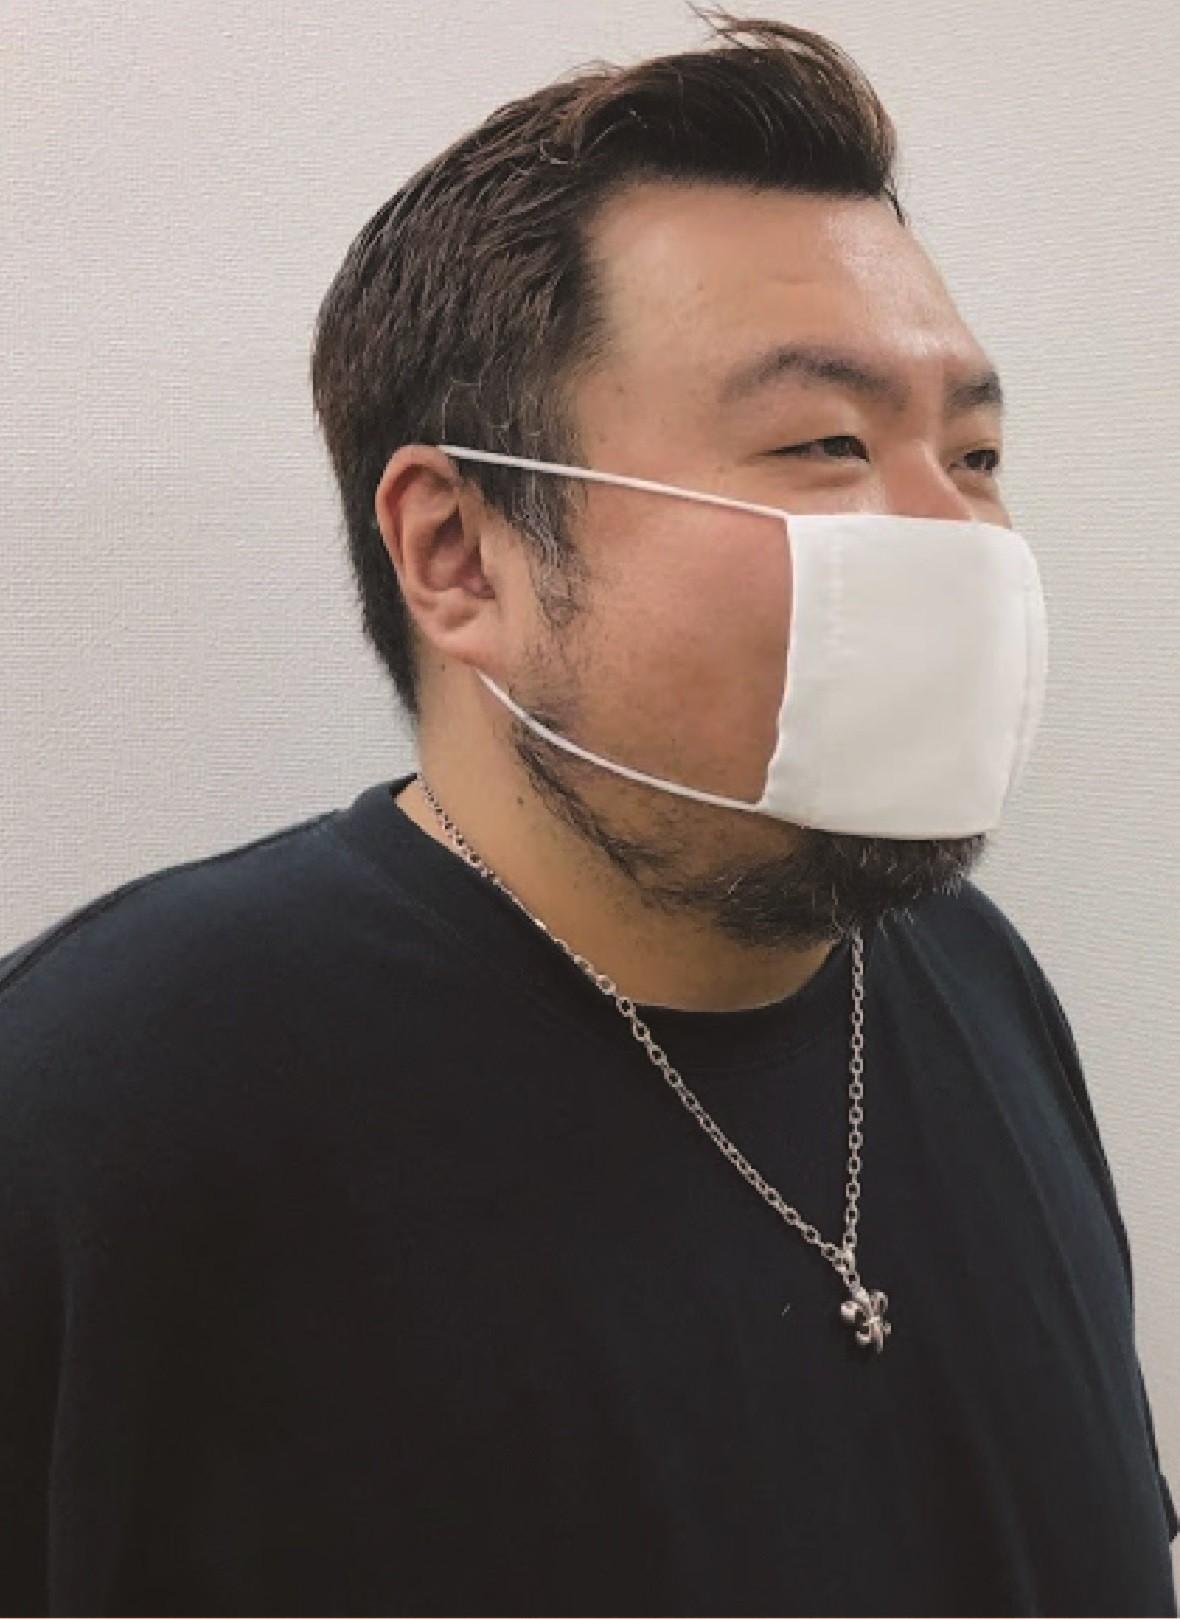 マスク 顔 でかい アベノマスクが小さいという人は、ただ顔がデカかっただけだと判明